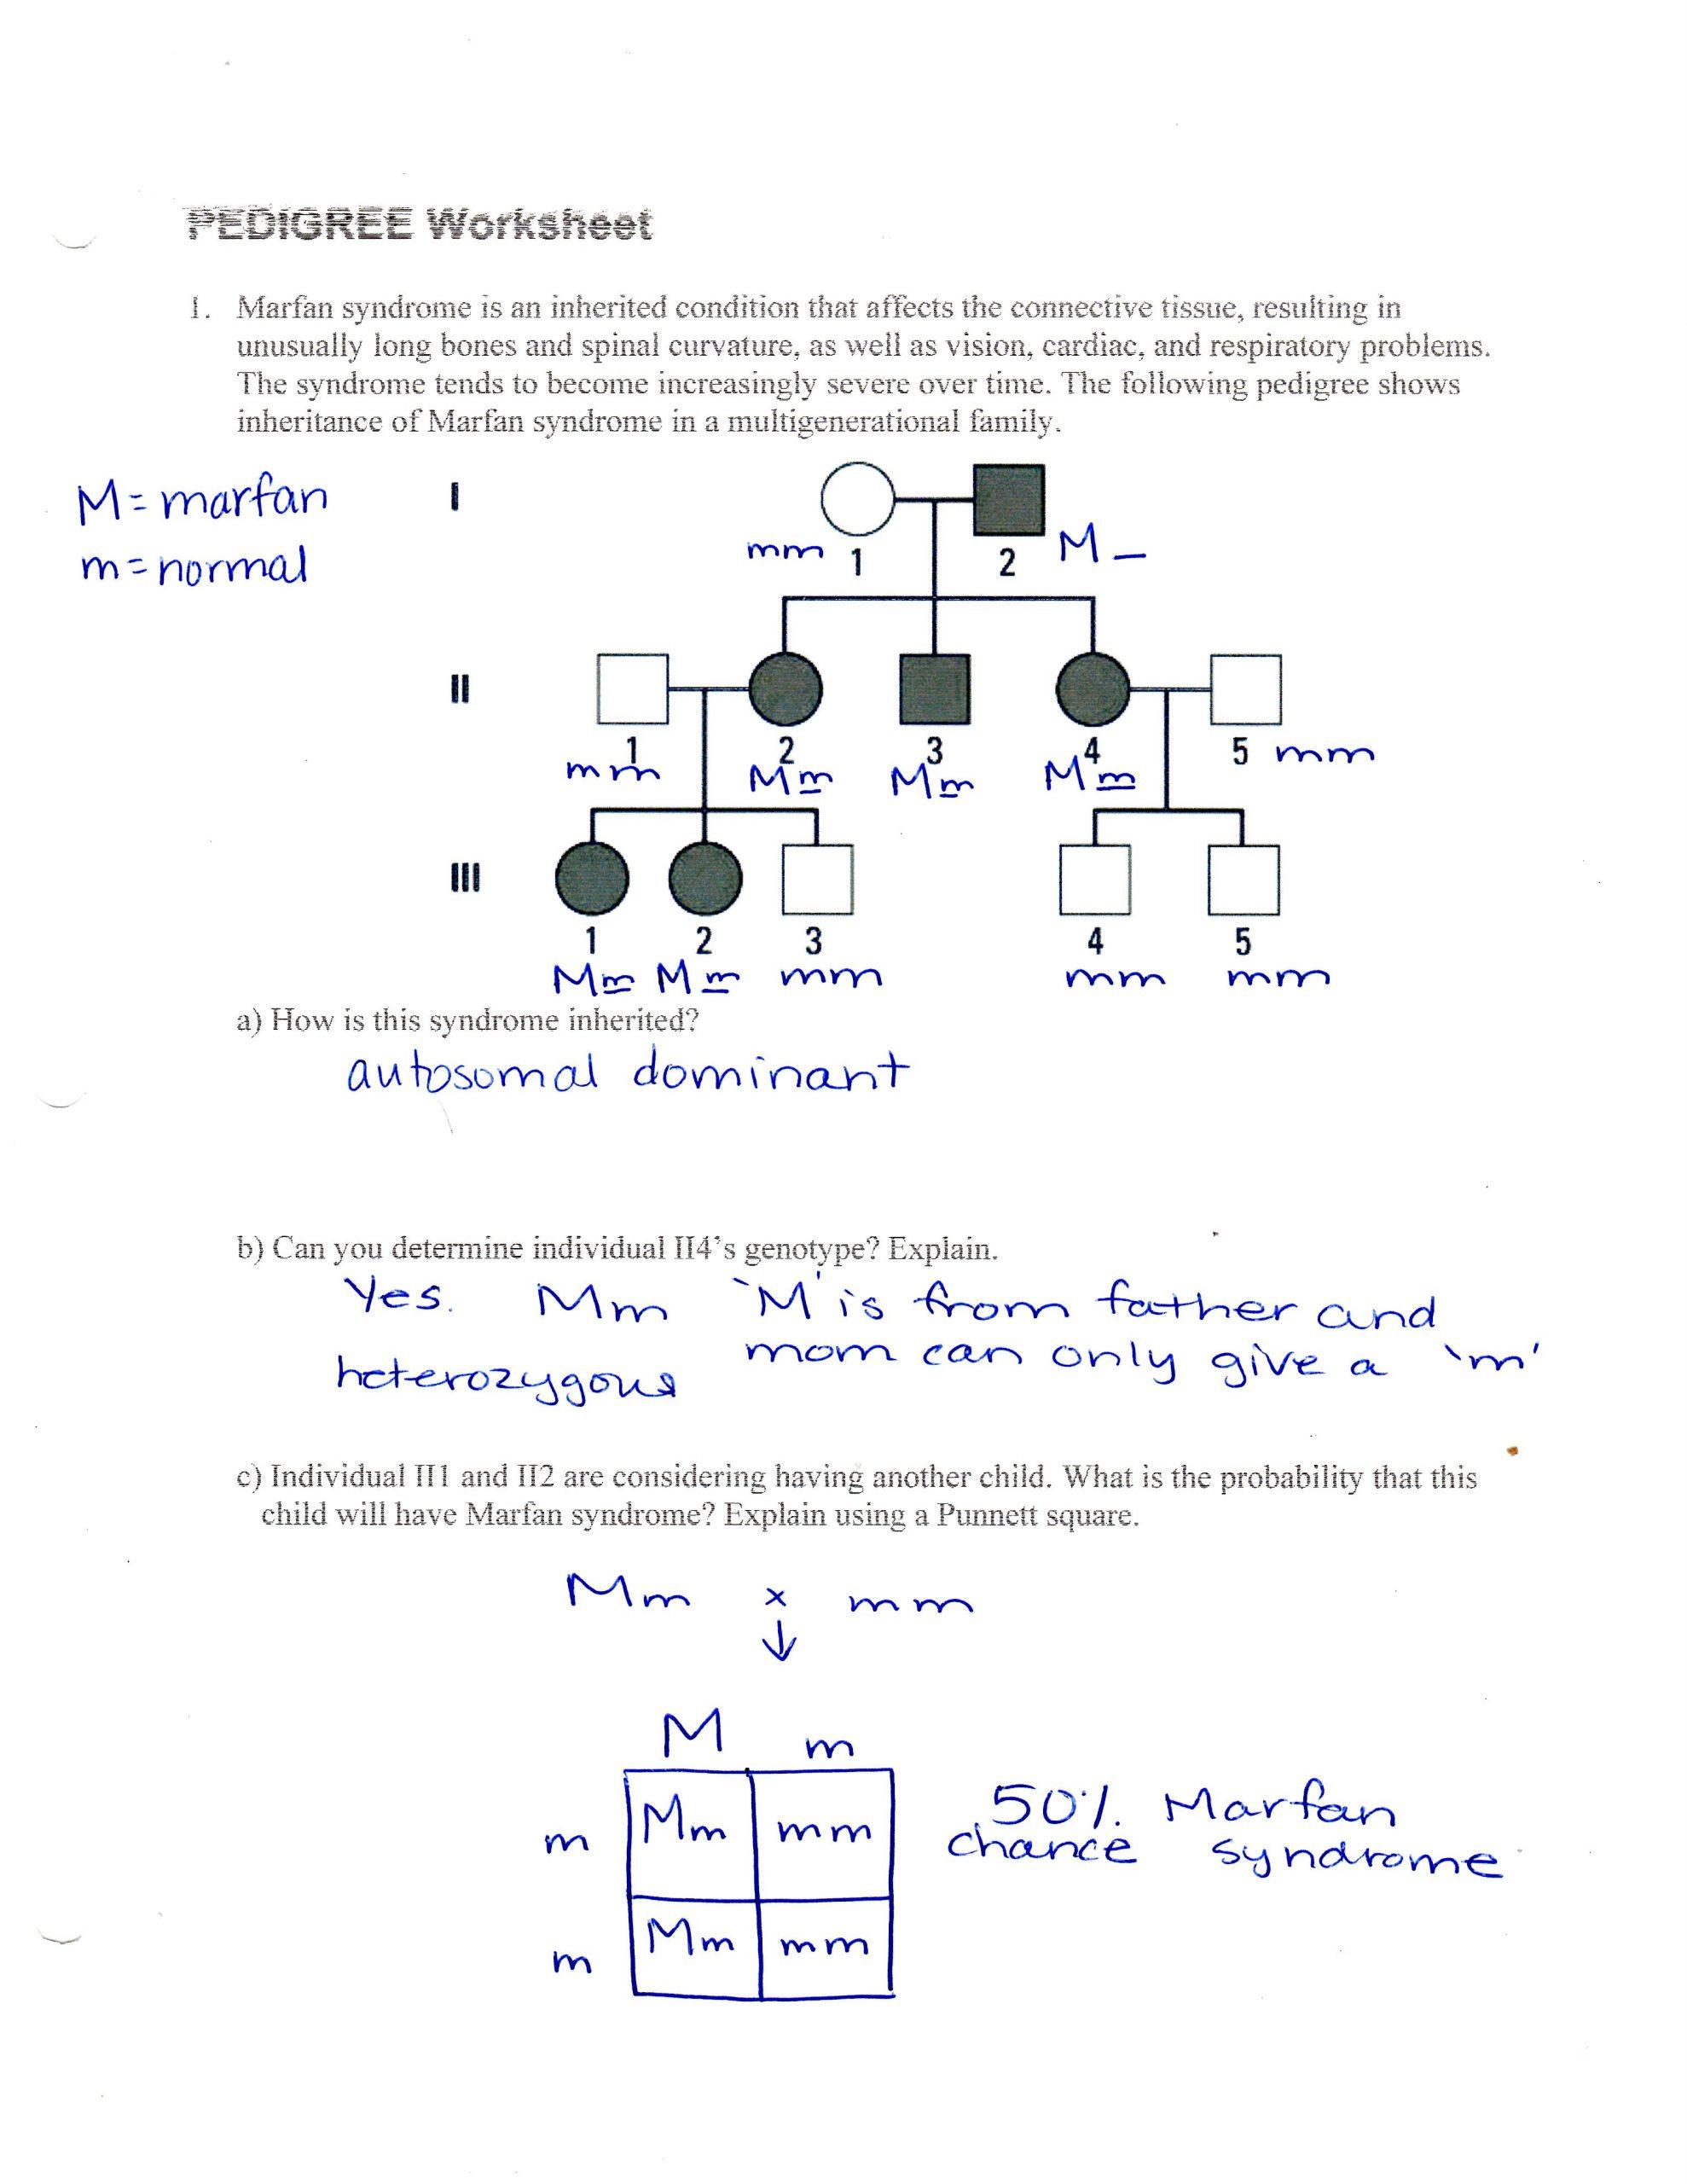 Pedigree Worksheet Answer Key Human Pedigree Worksheet Key